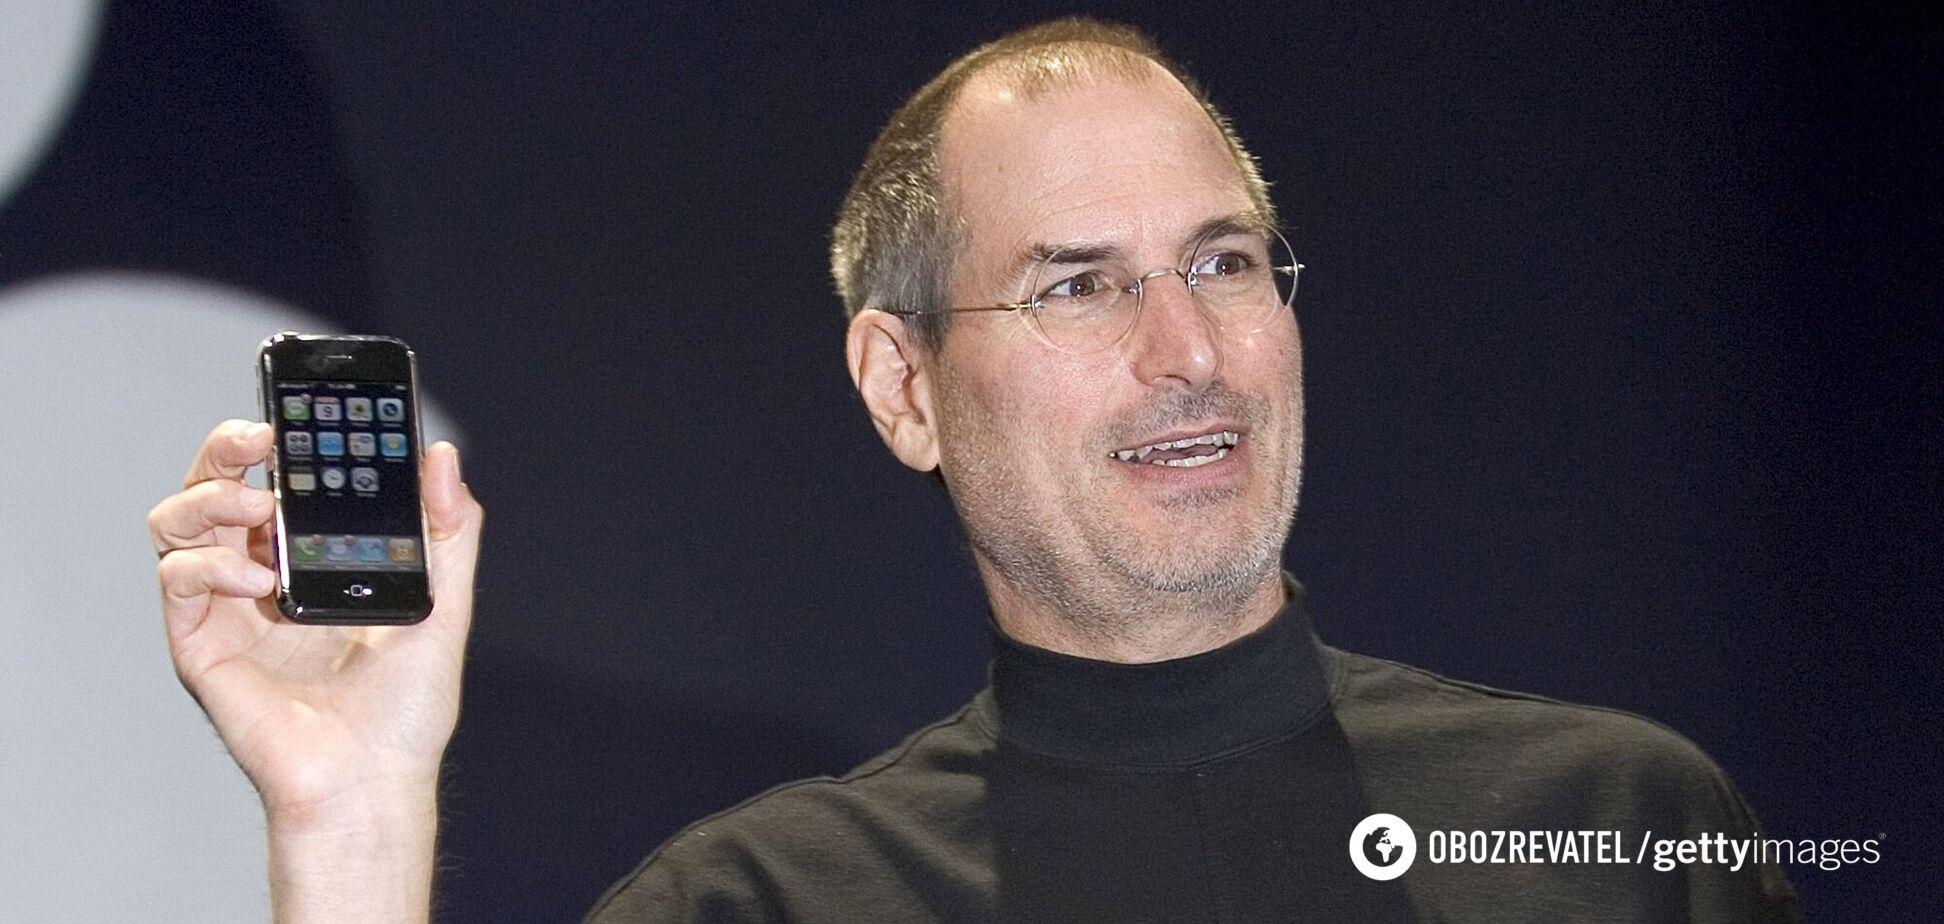 13 років тому Apple показала перший iPhone: як він виглядав. Фото та відео